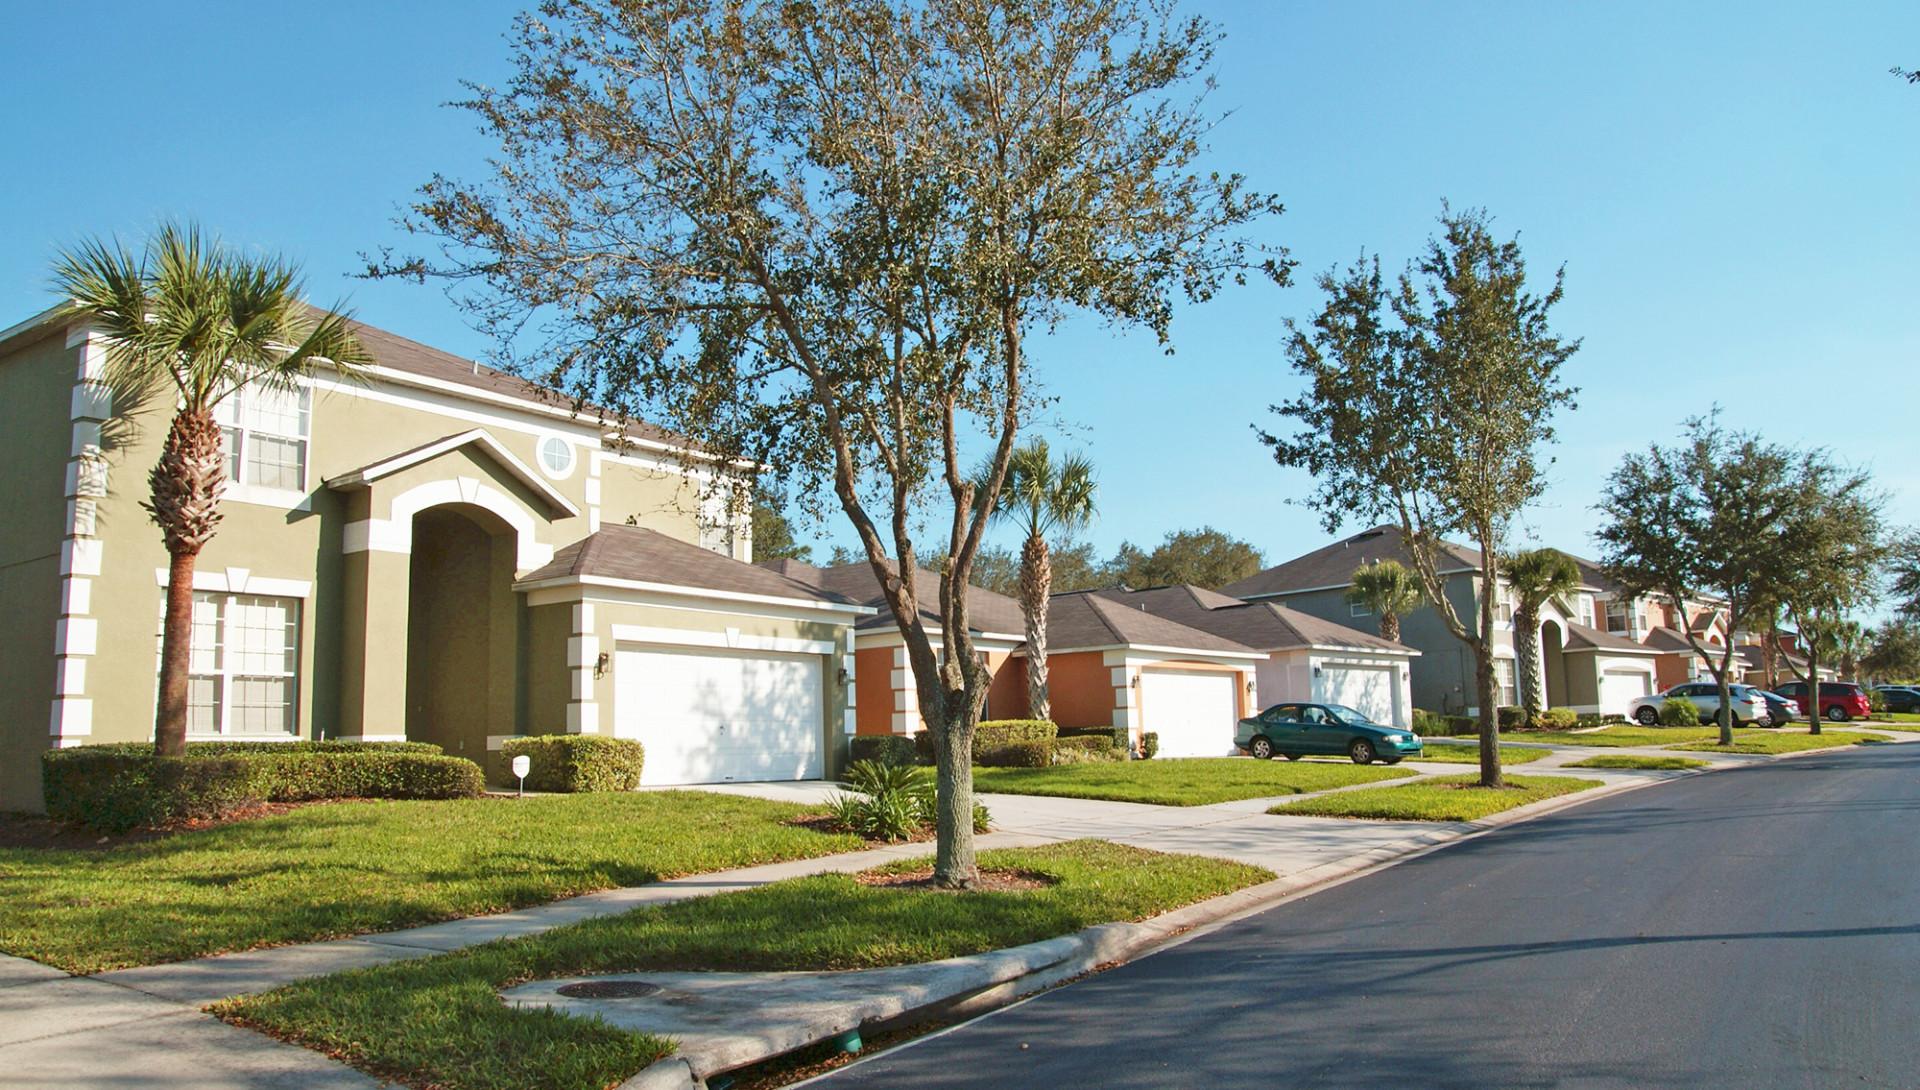 #257CA6 Comprar casas em Orlando Imóveis em Orlando próximo a Disney 4188 Imagens De Casas Com Janelas De Aluminio